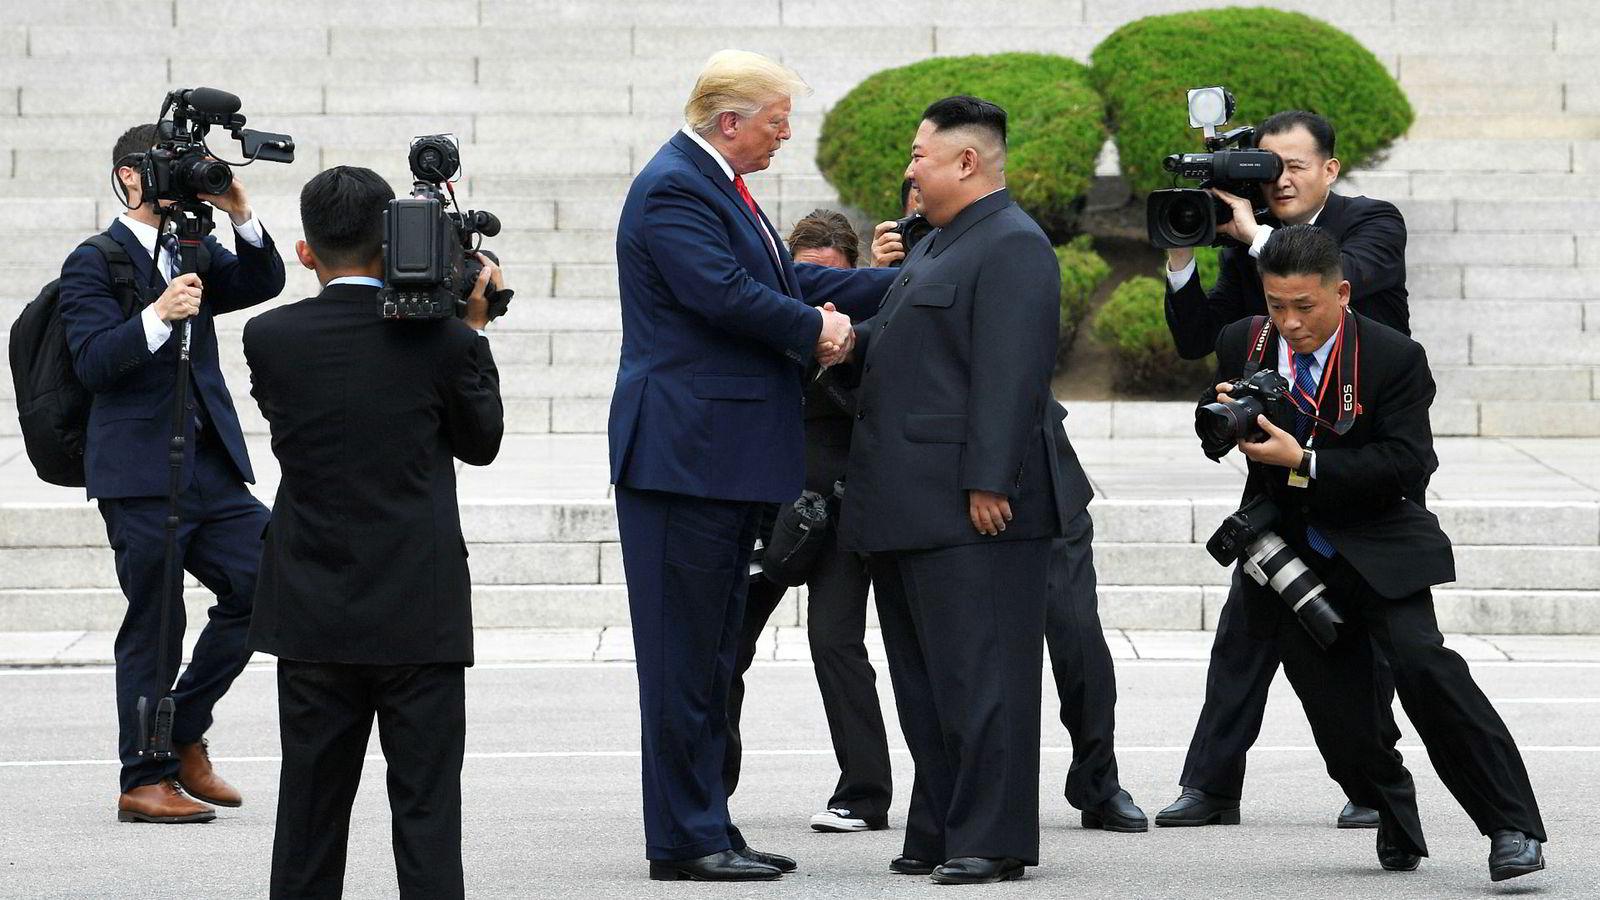 Det var august og jeg var på stedet der president Trump noen uker tidligere hadde tatt noen symbolske skritt inn i Nord-Korea for å møte sin «gode venn», den noen-og-tredve år gamle lederen av verdens eneste arvelige marxistmonarki, Kim Jong-un.